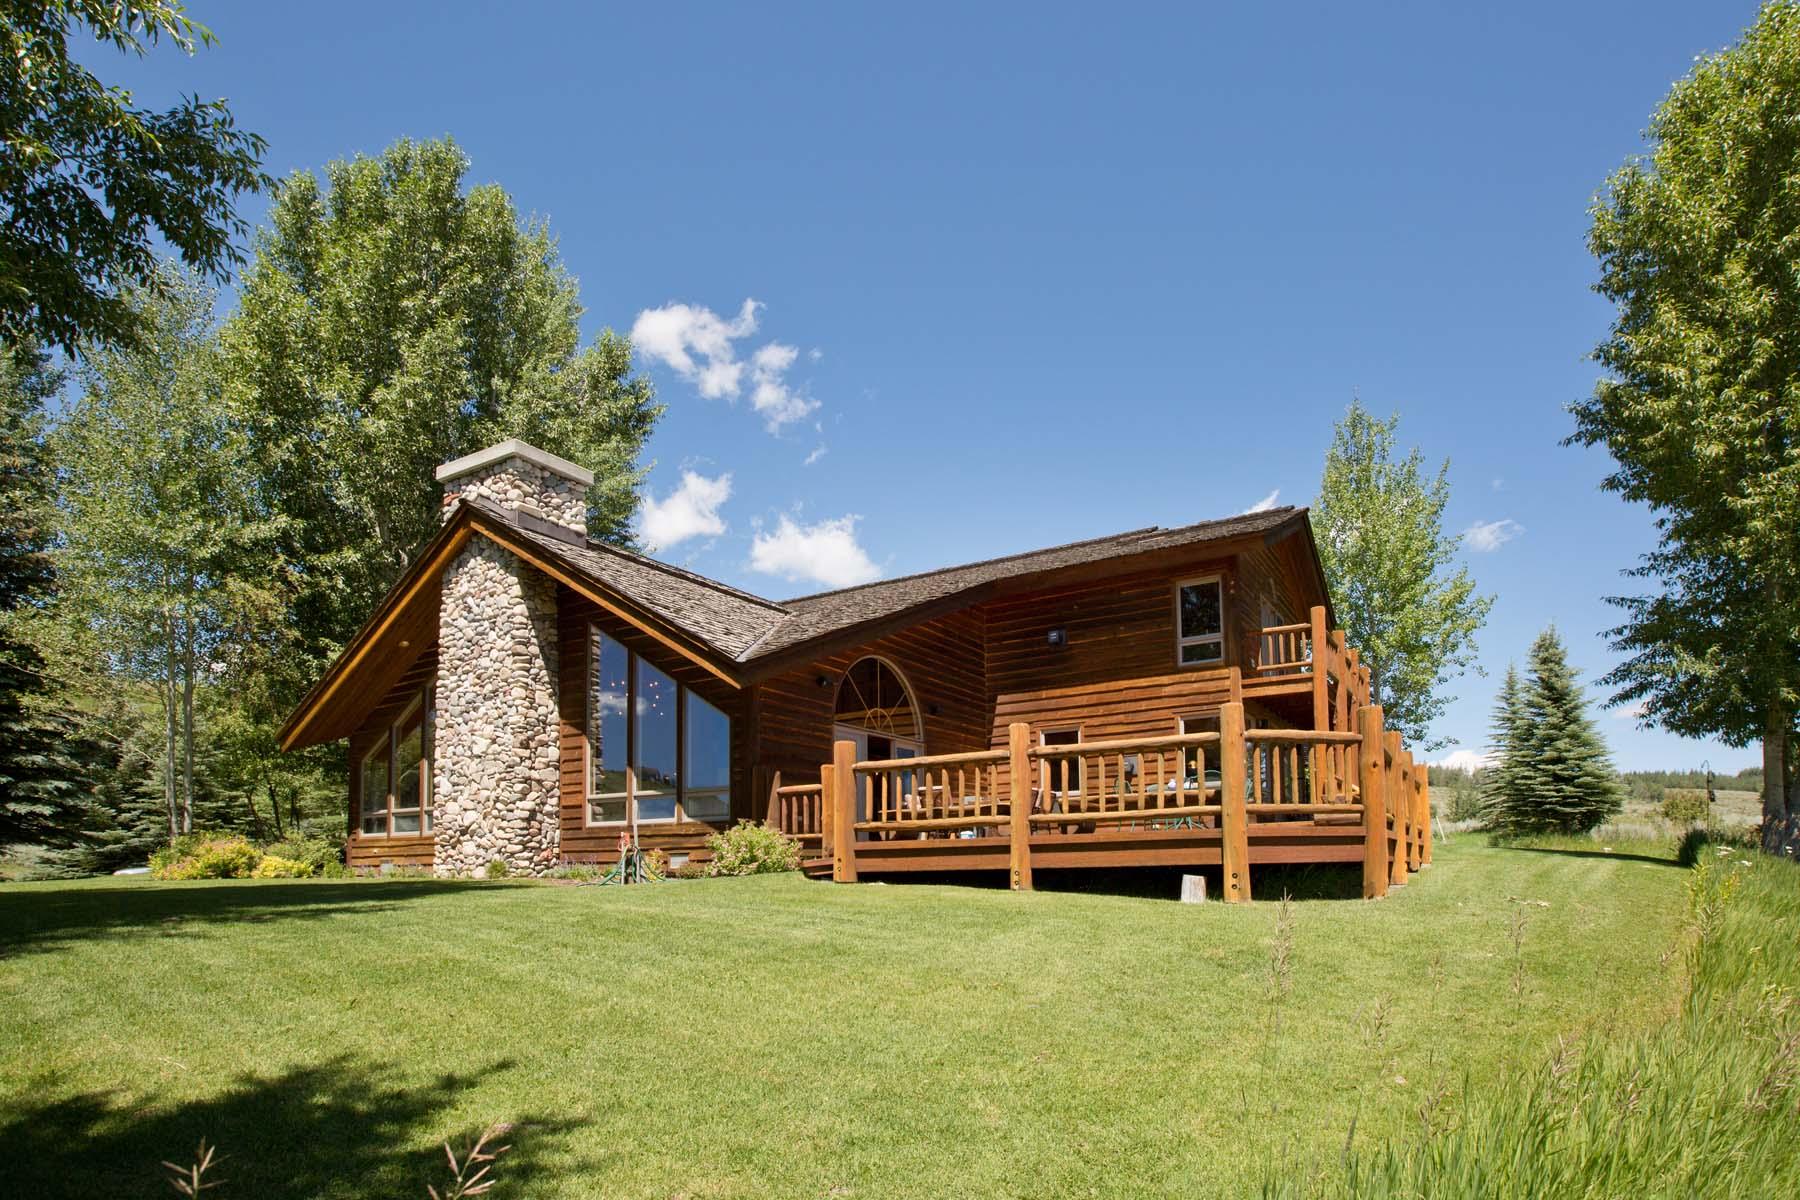 独户住宅 为 销售 在 Rarely Available Views and Setting 1400 Gannett Road 杰克逊, 怀俄明州, 83001 美国